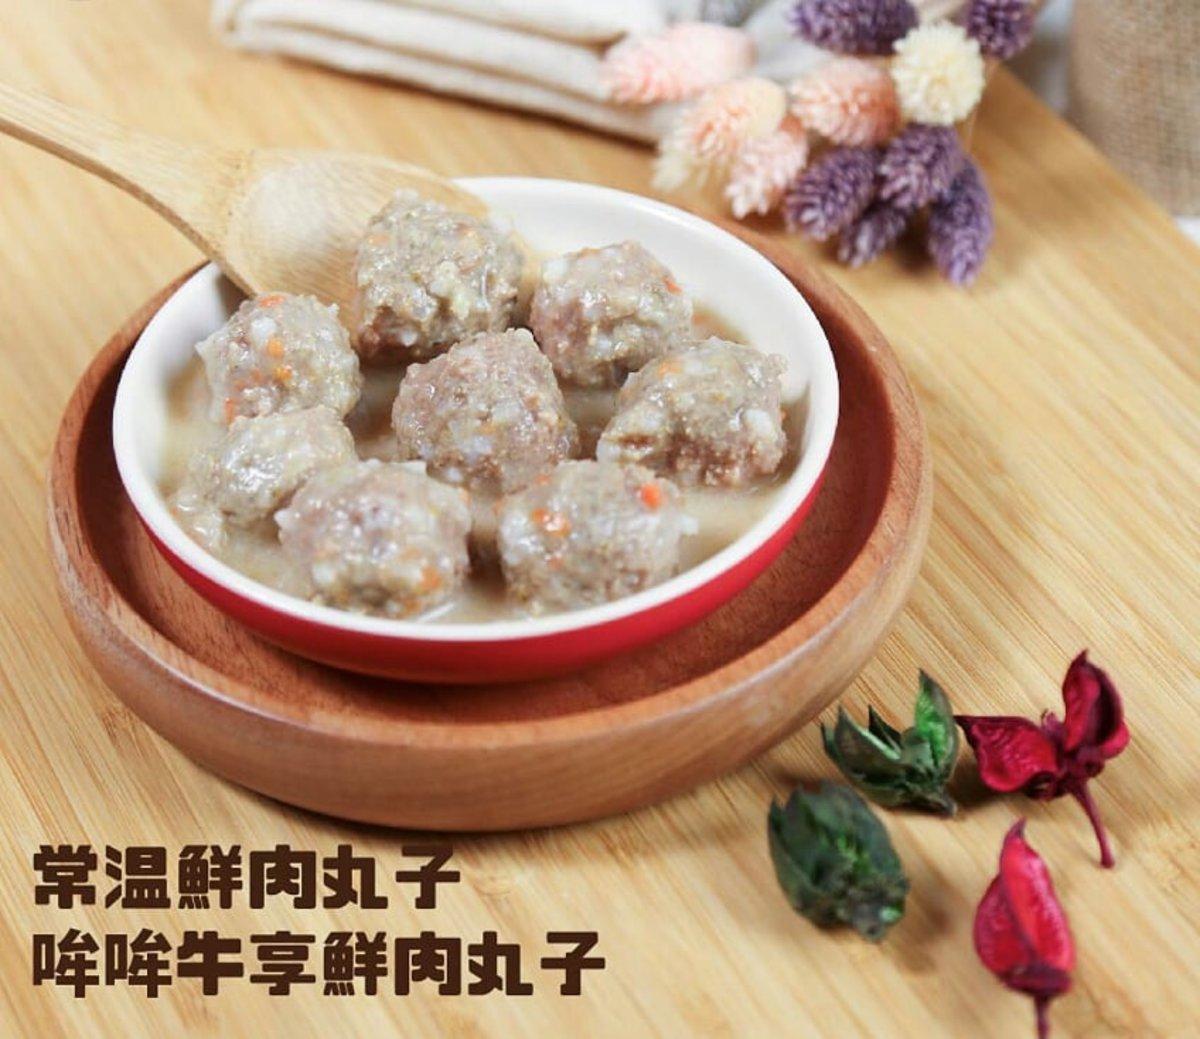 哞哞牛享鮮肉丸子 150g (027001)